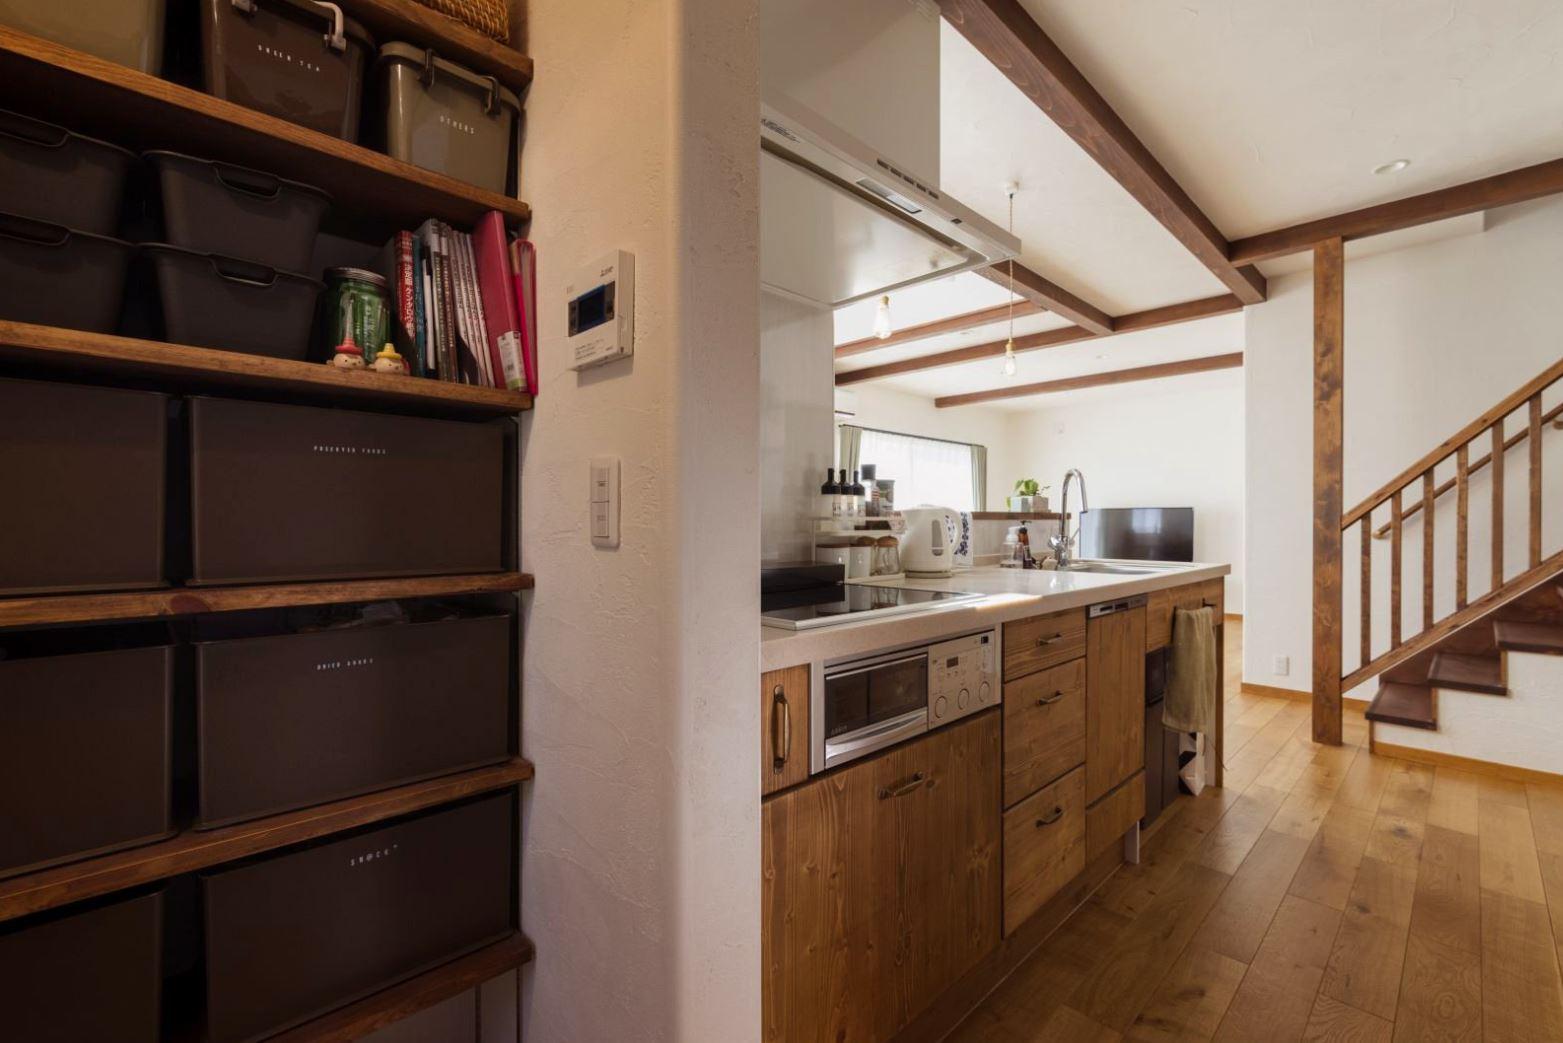 アイジースタイルハウス【収納力、自然素材、間取り】キッチンの真横に大容量のパントリーを配置。物を出しやすくしまいやすいので、家事時間の短縮につながった